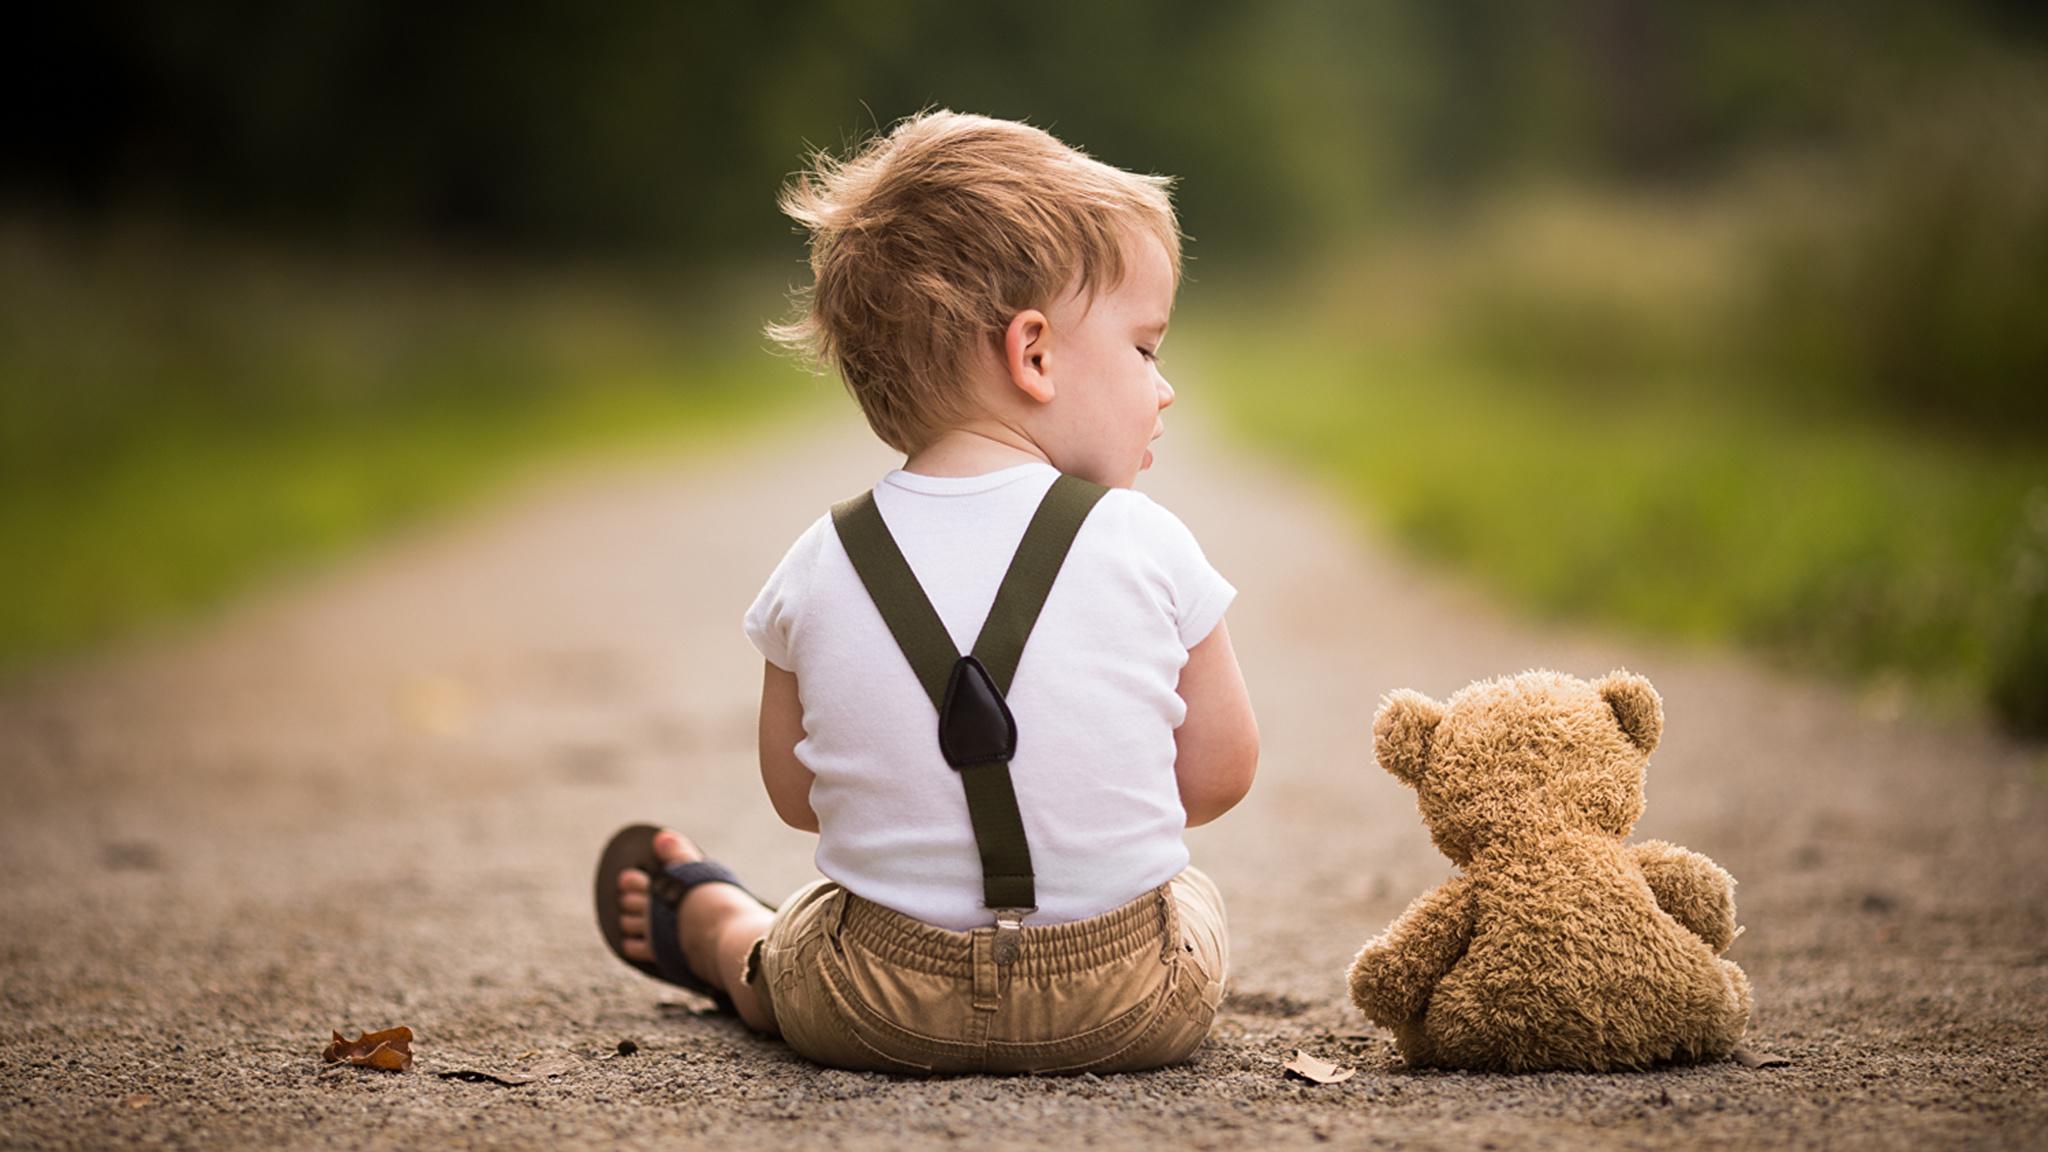 Bilder von Junge Kinder Weg Zwei Teddy Hinten Sitzend 2048x1152 2 Teddybär Knuddelbär